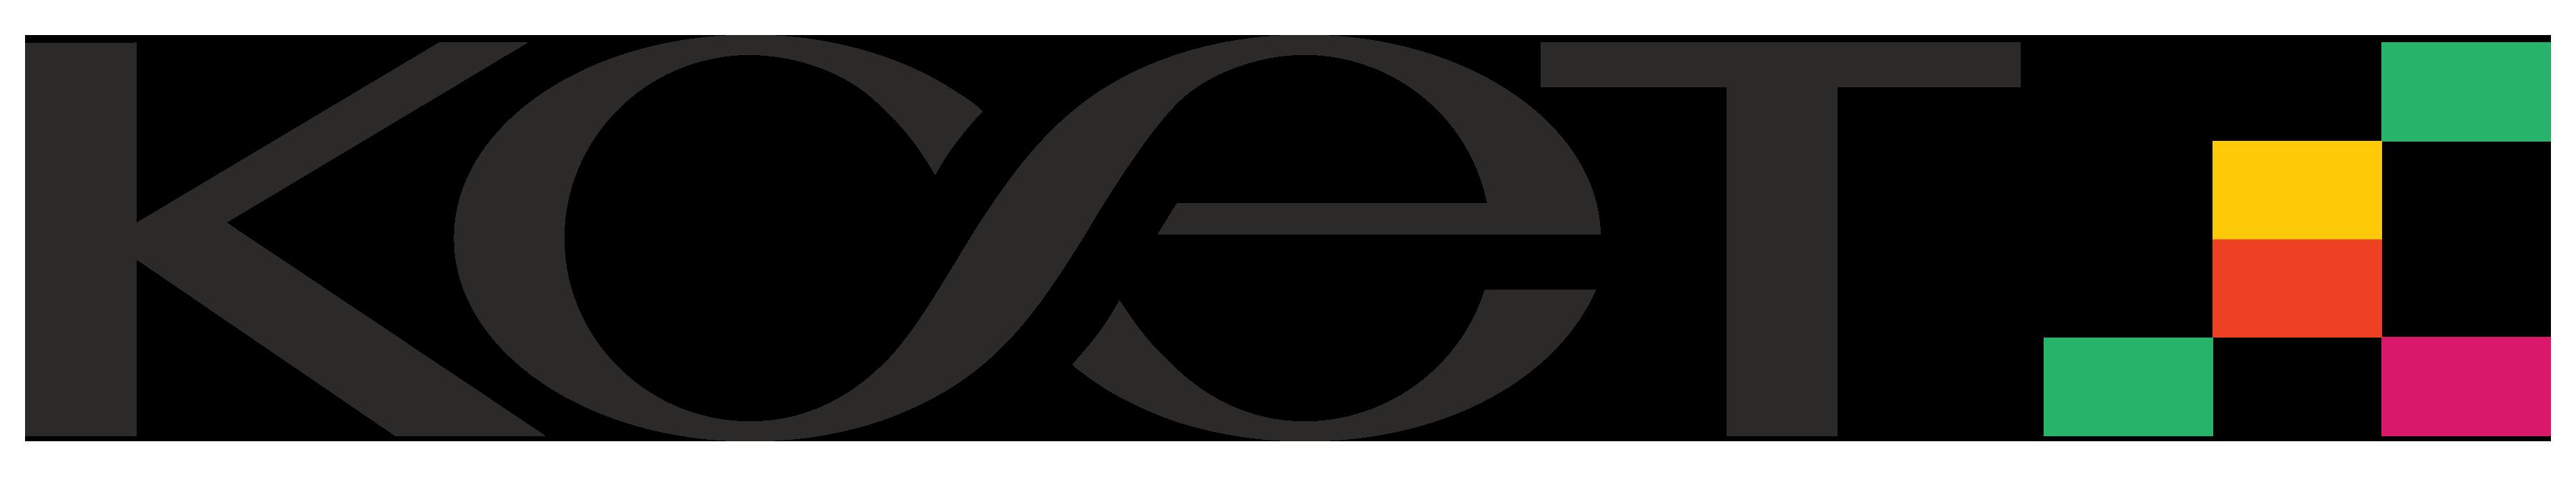 logo_kcet_main_color.png